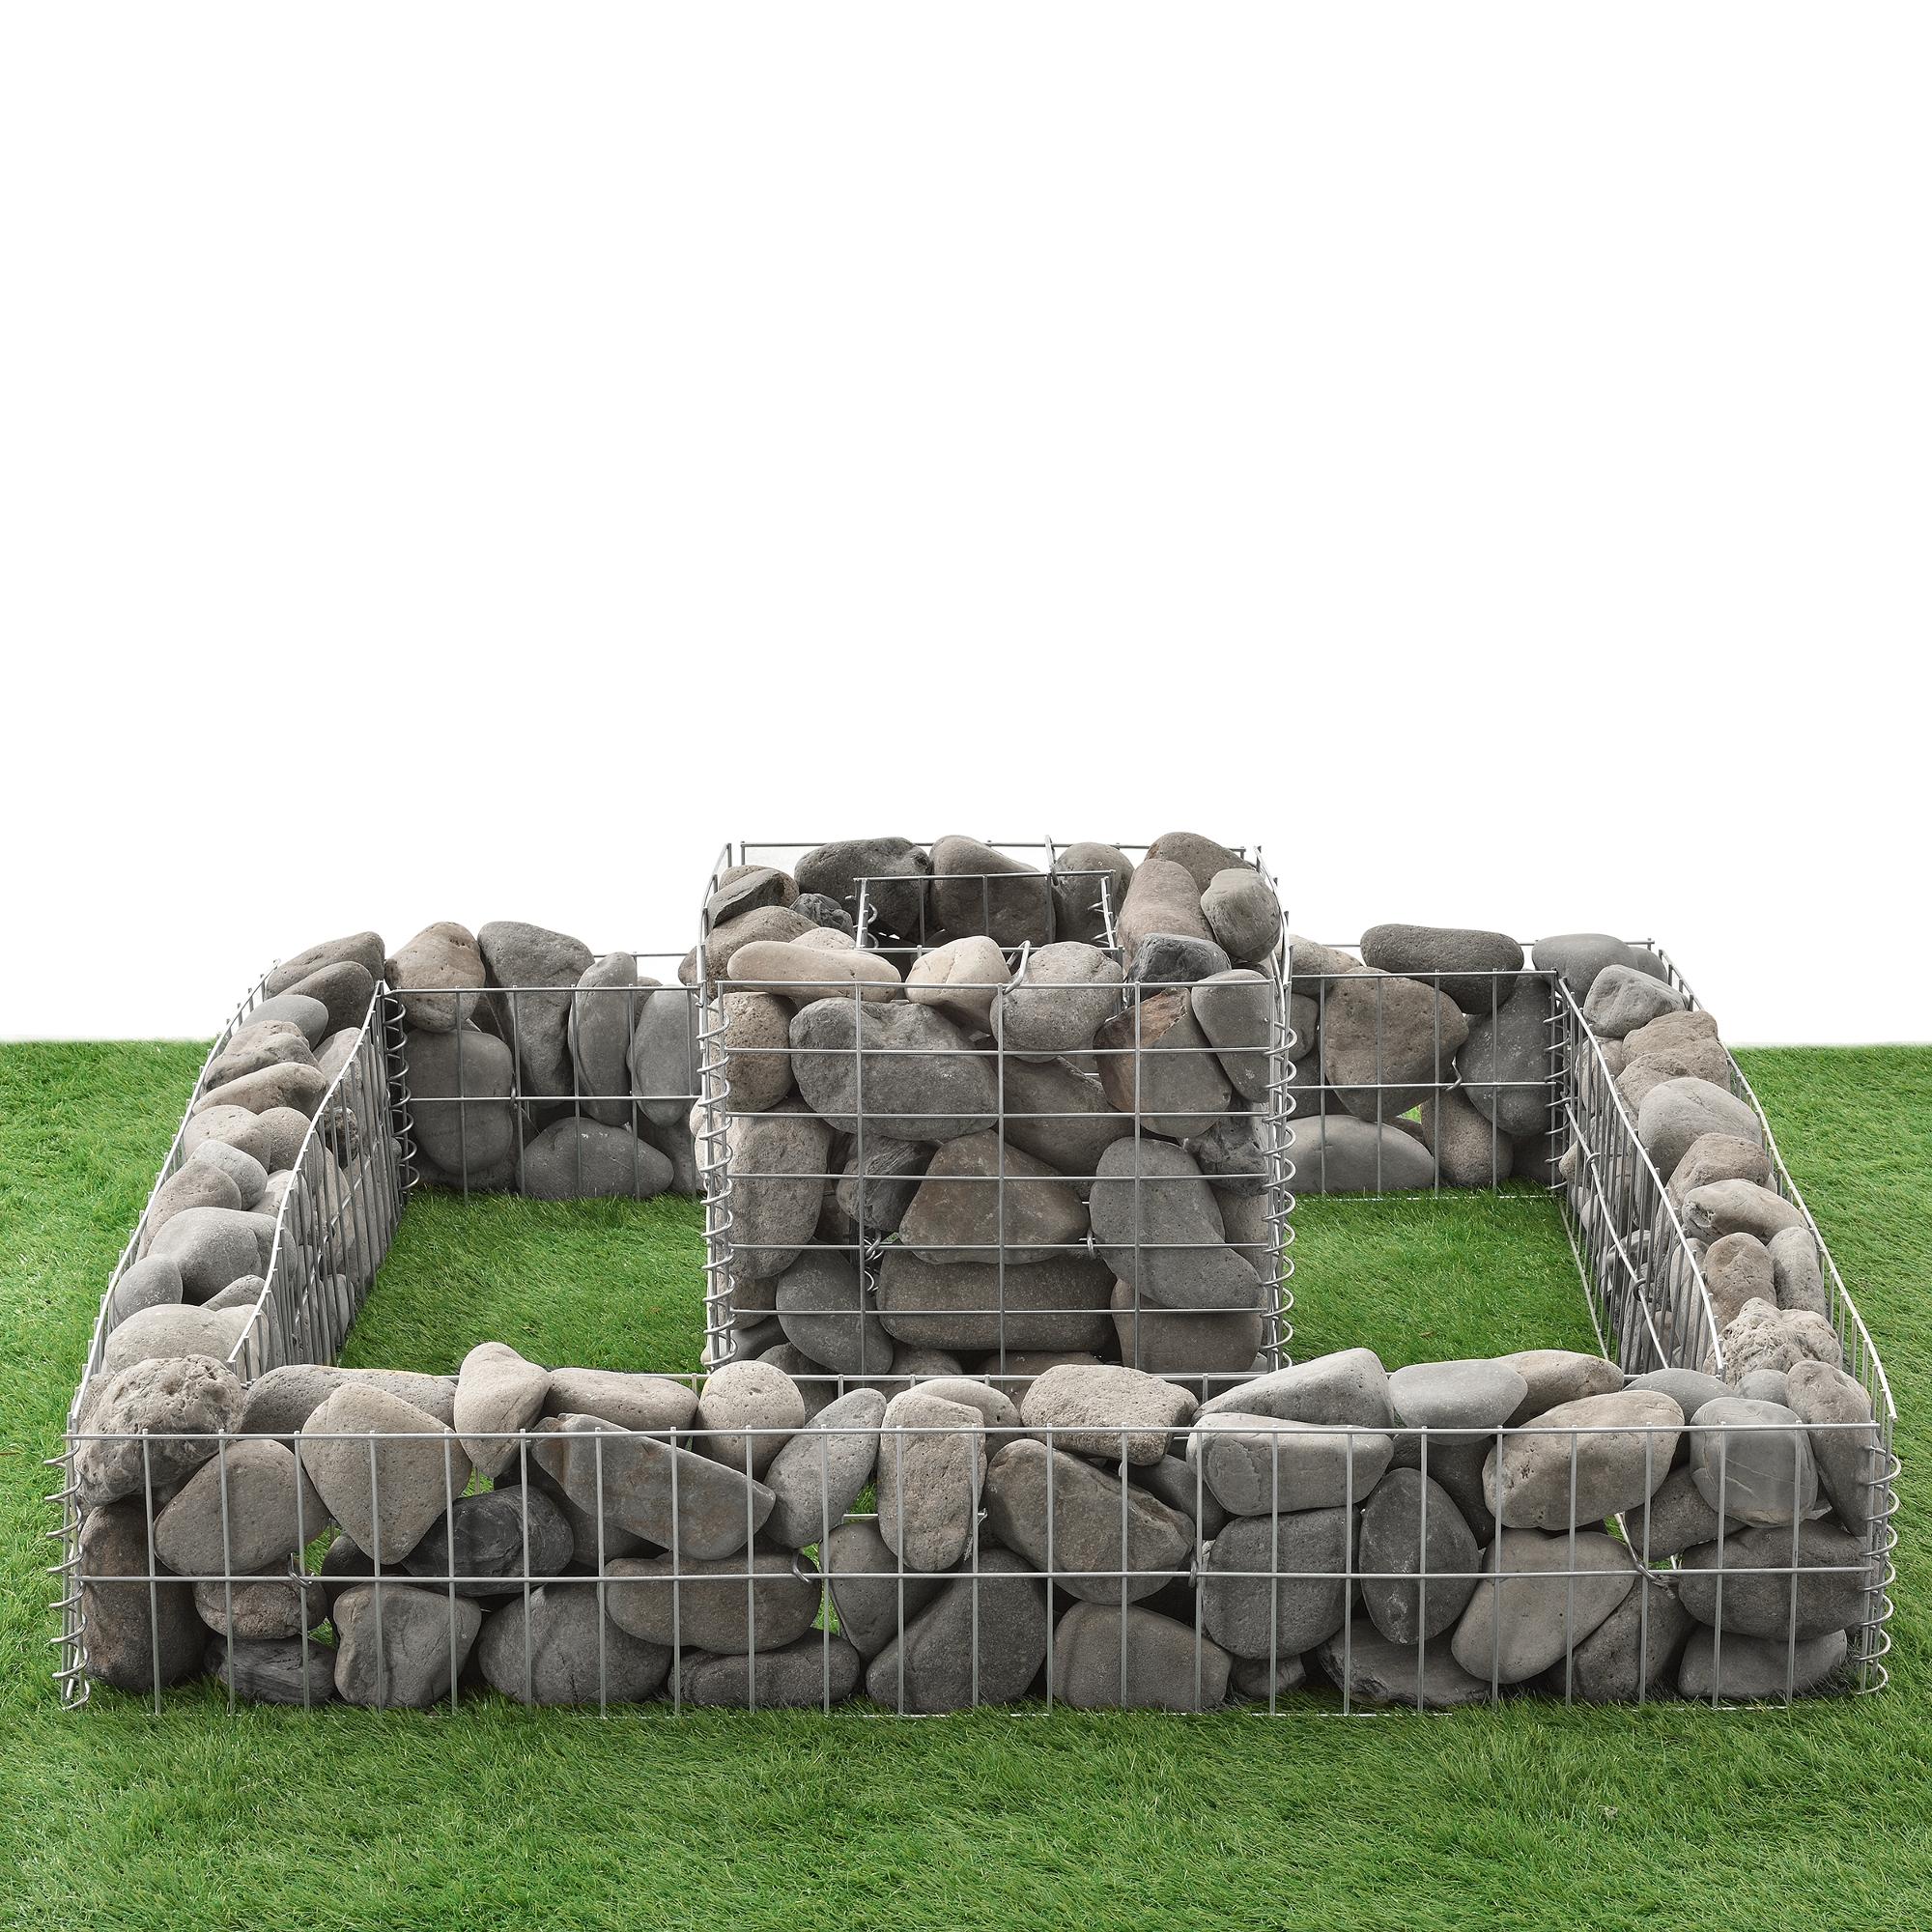 gabionen 2er set hochbeet gabione steink rbe blumenbeet drahtkorb ebay. Black Bedroom Furniture Sets. Home Design Ideas